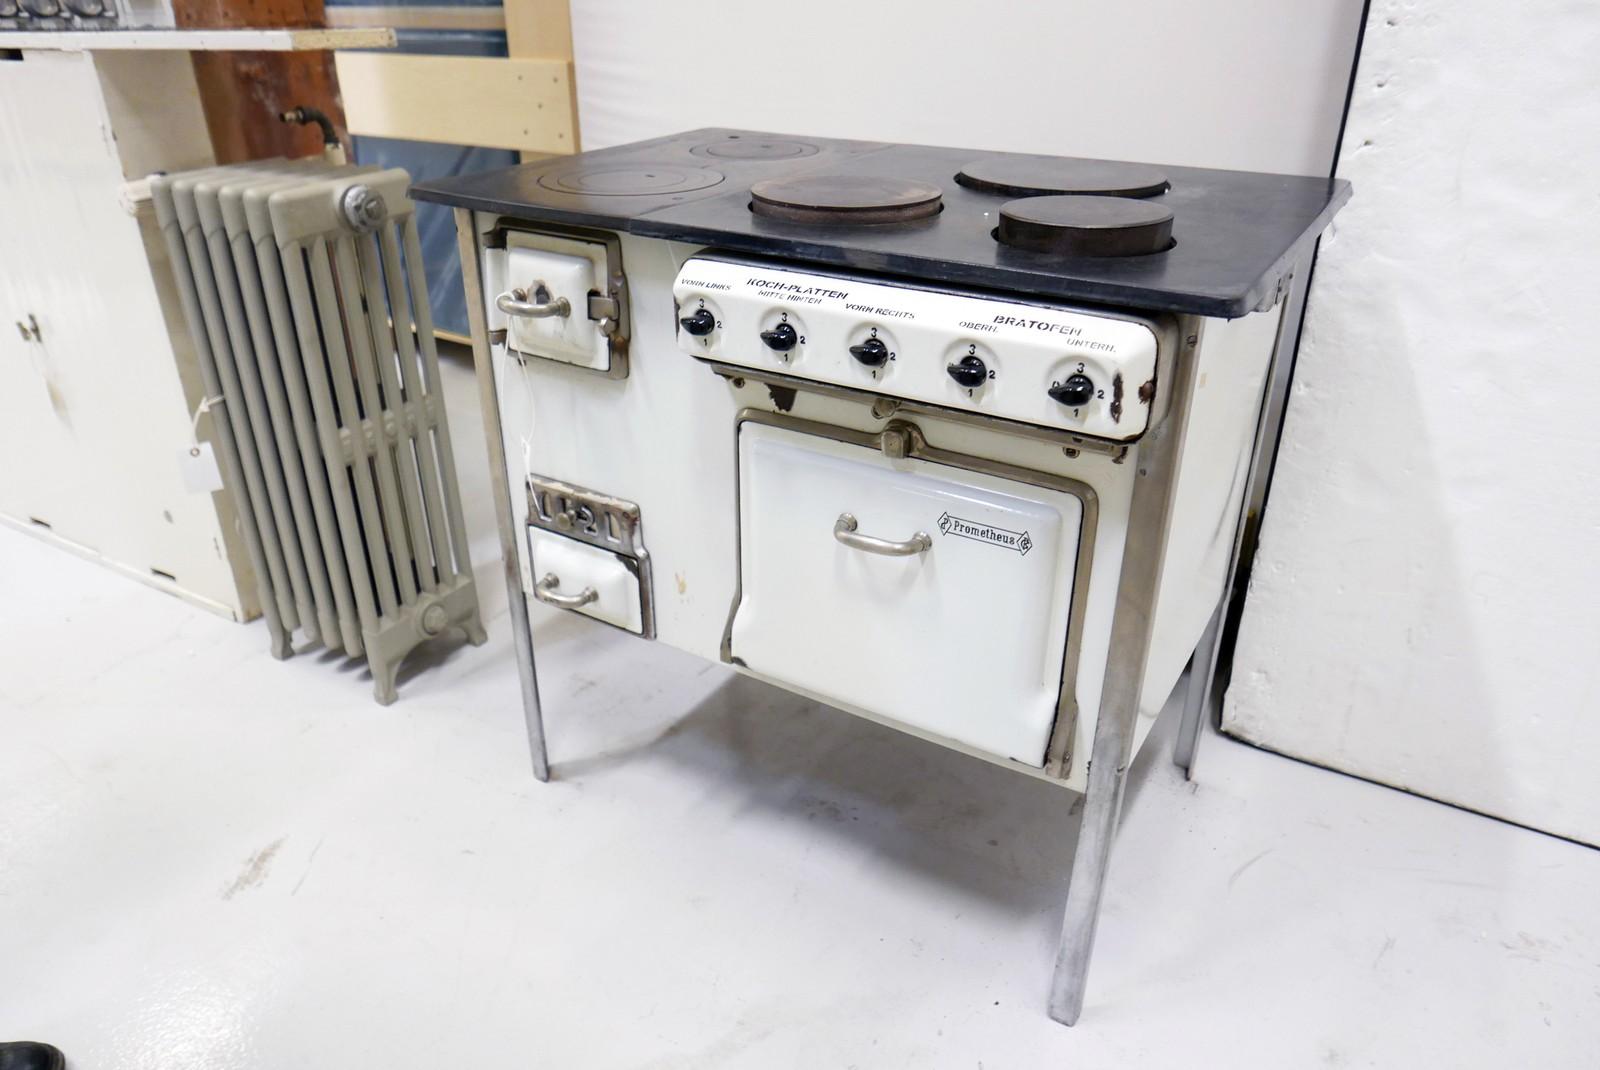 Komfyren hadde både elektriske kokeplater og stekeovn, men kunne også gå på kull.